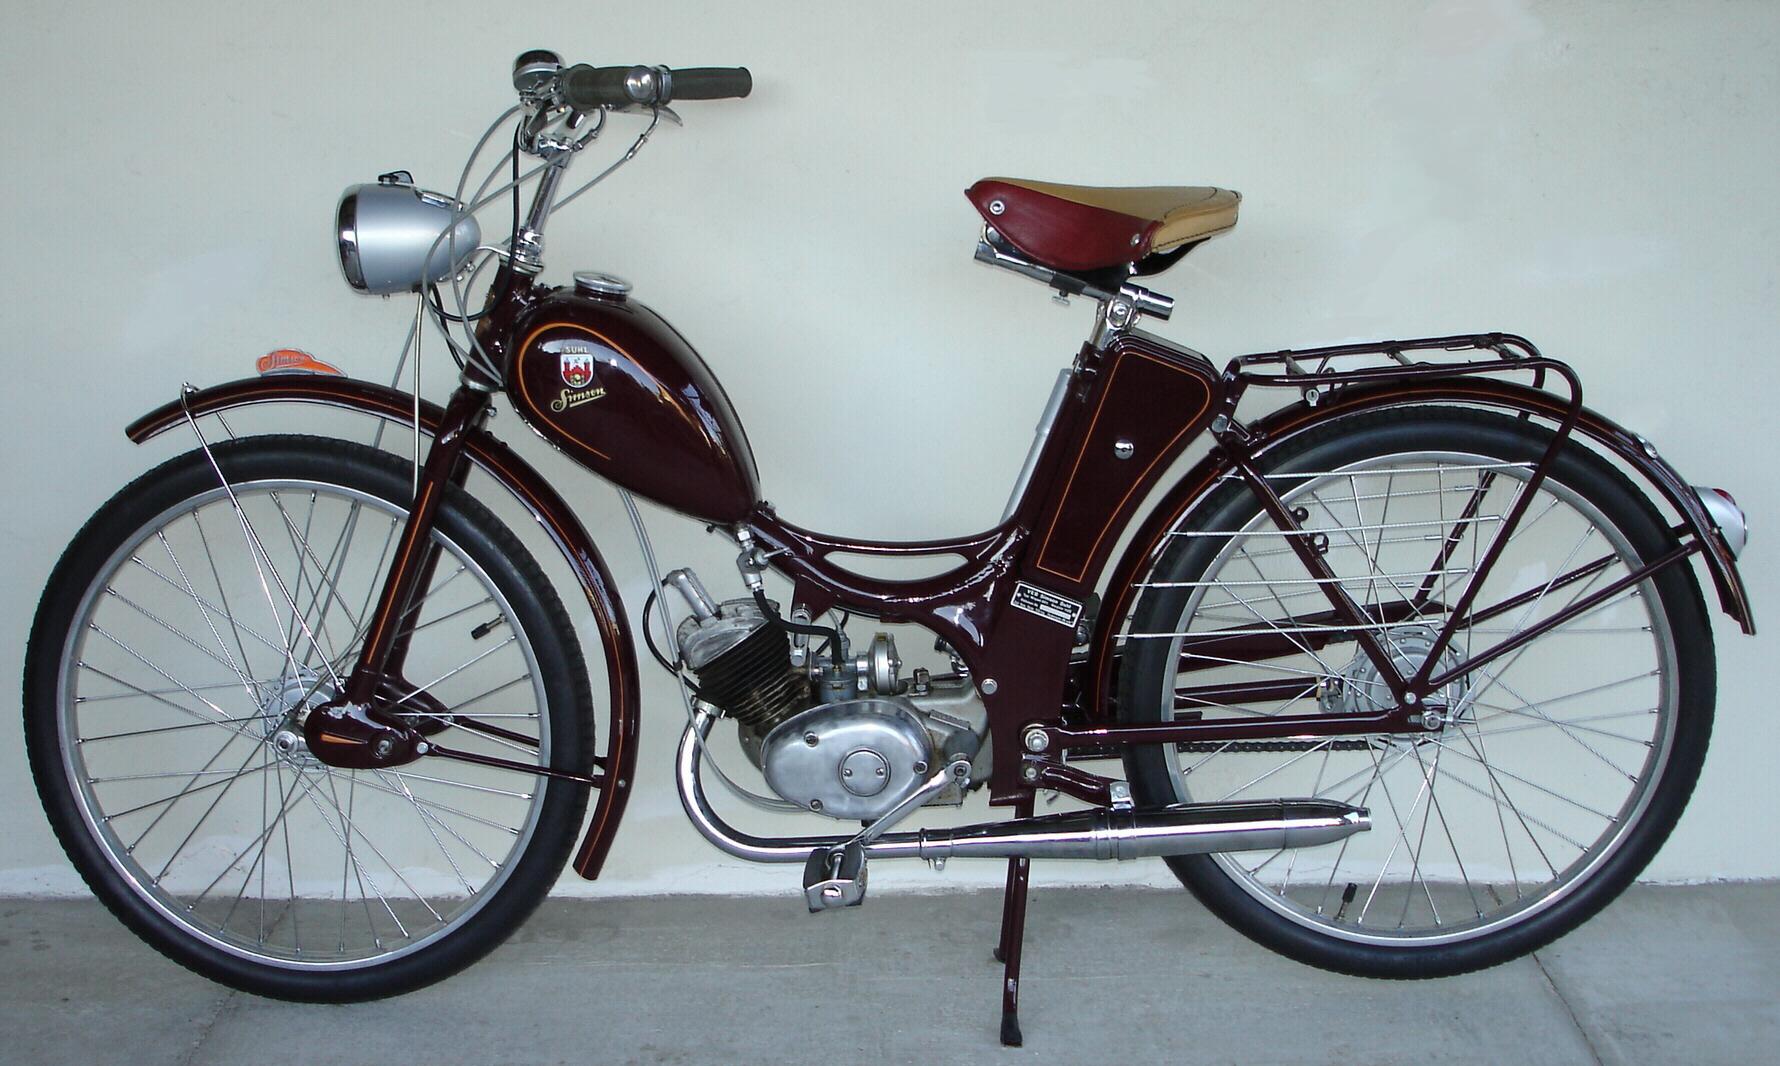 Sr1 Moped